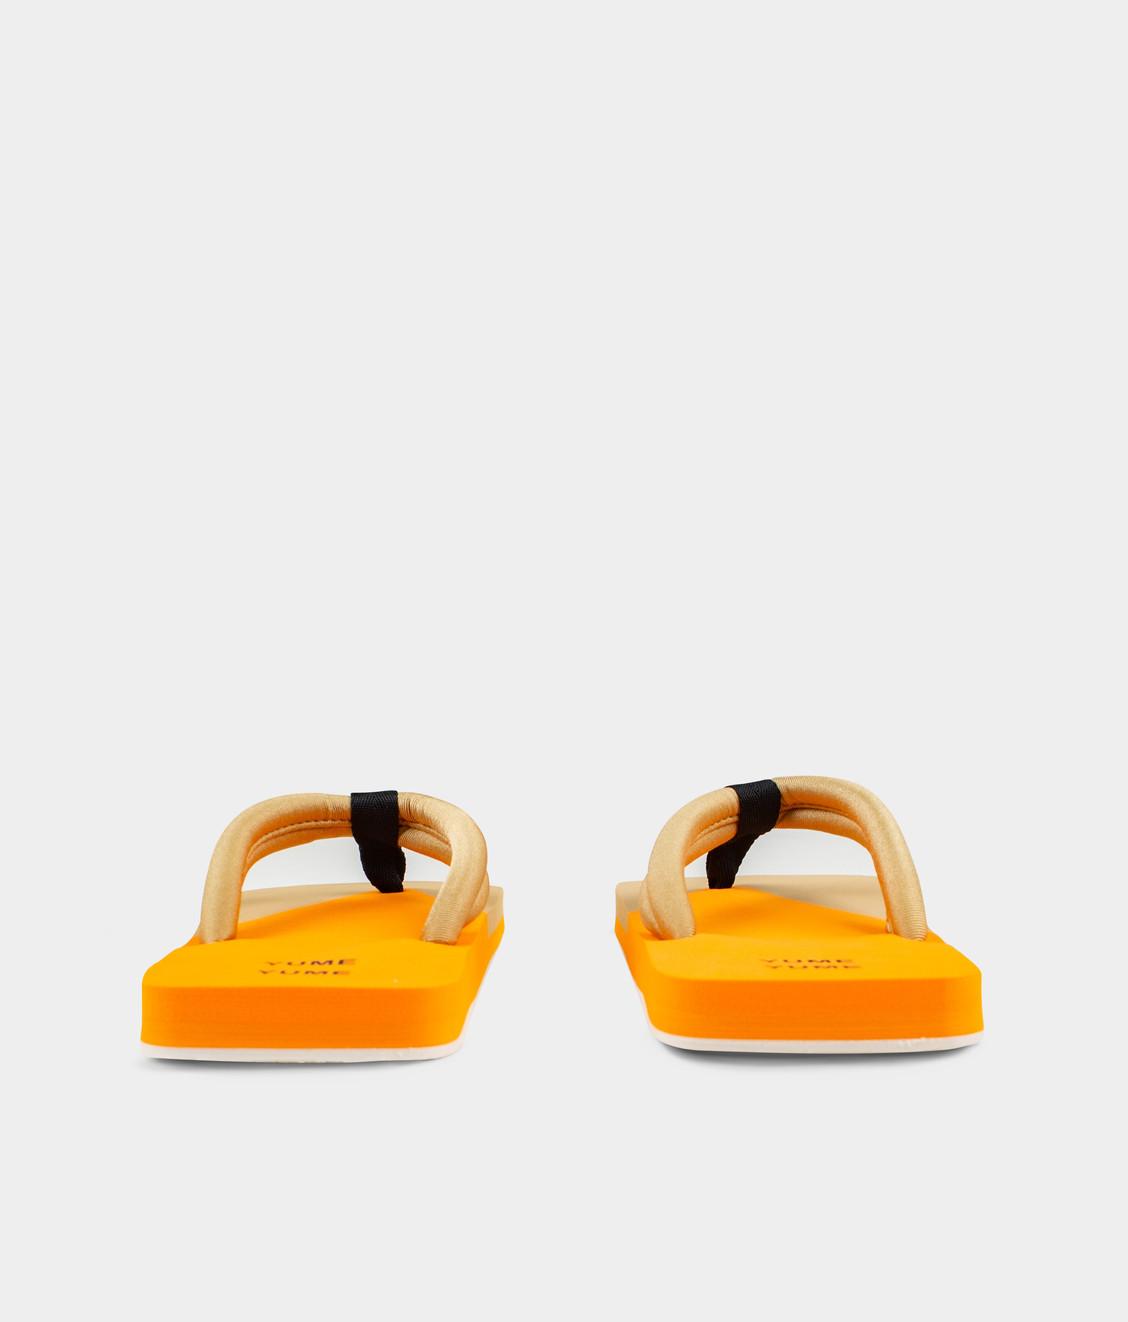 Yume Yume Yume Xigy Beige Orange